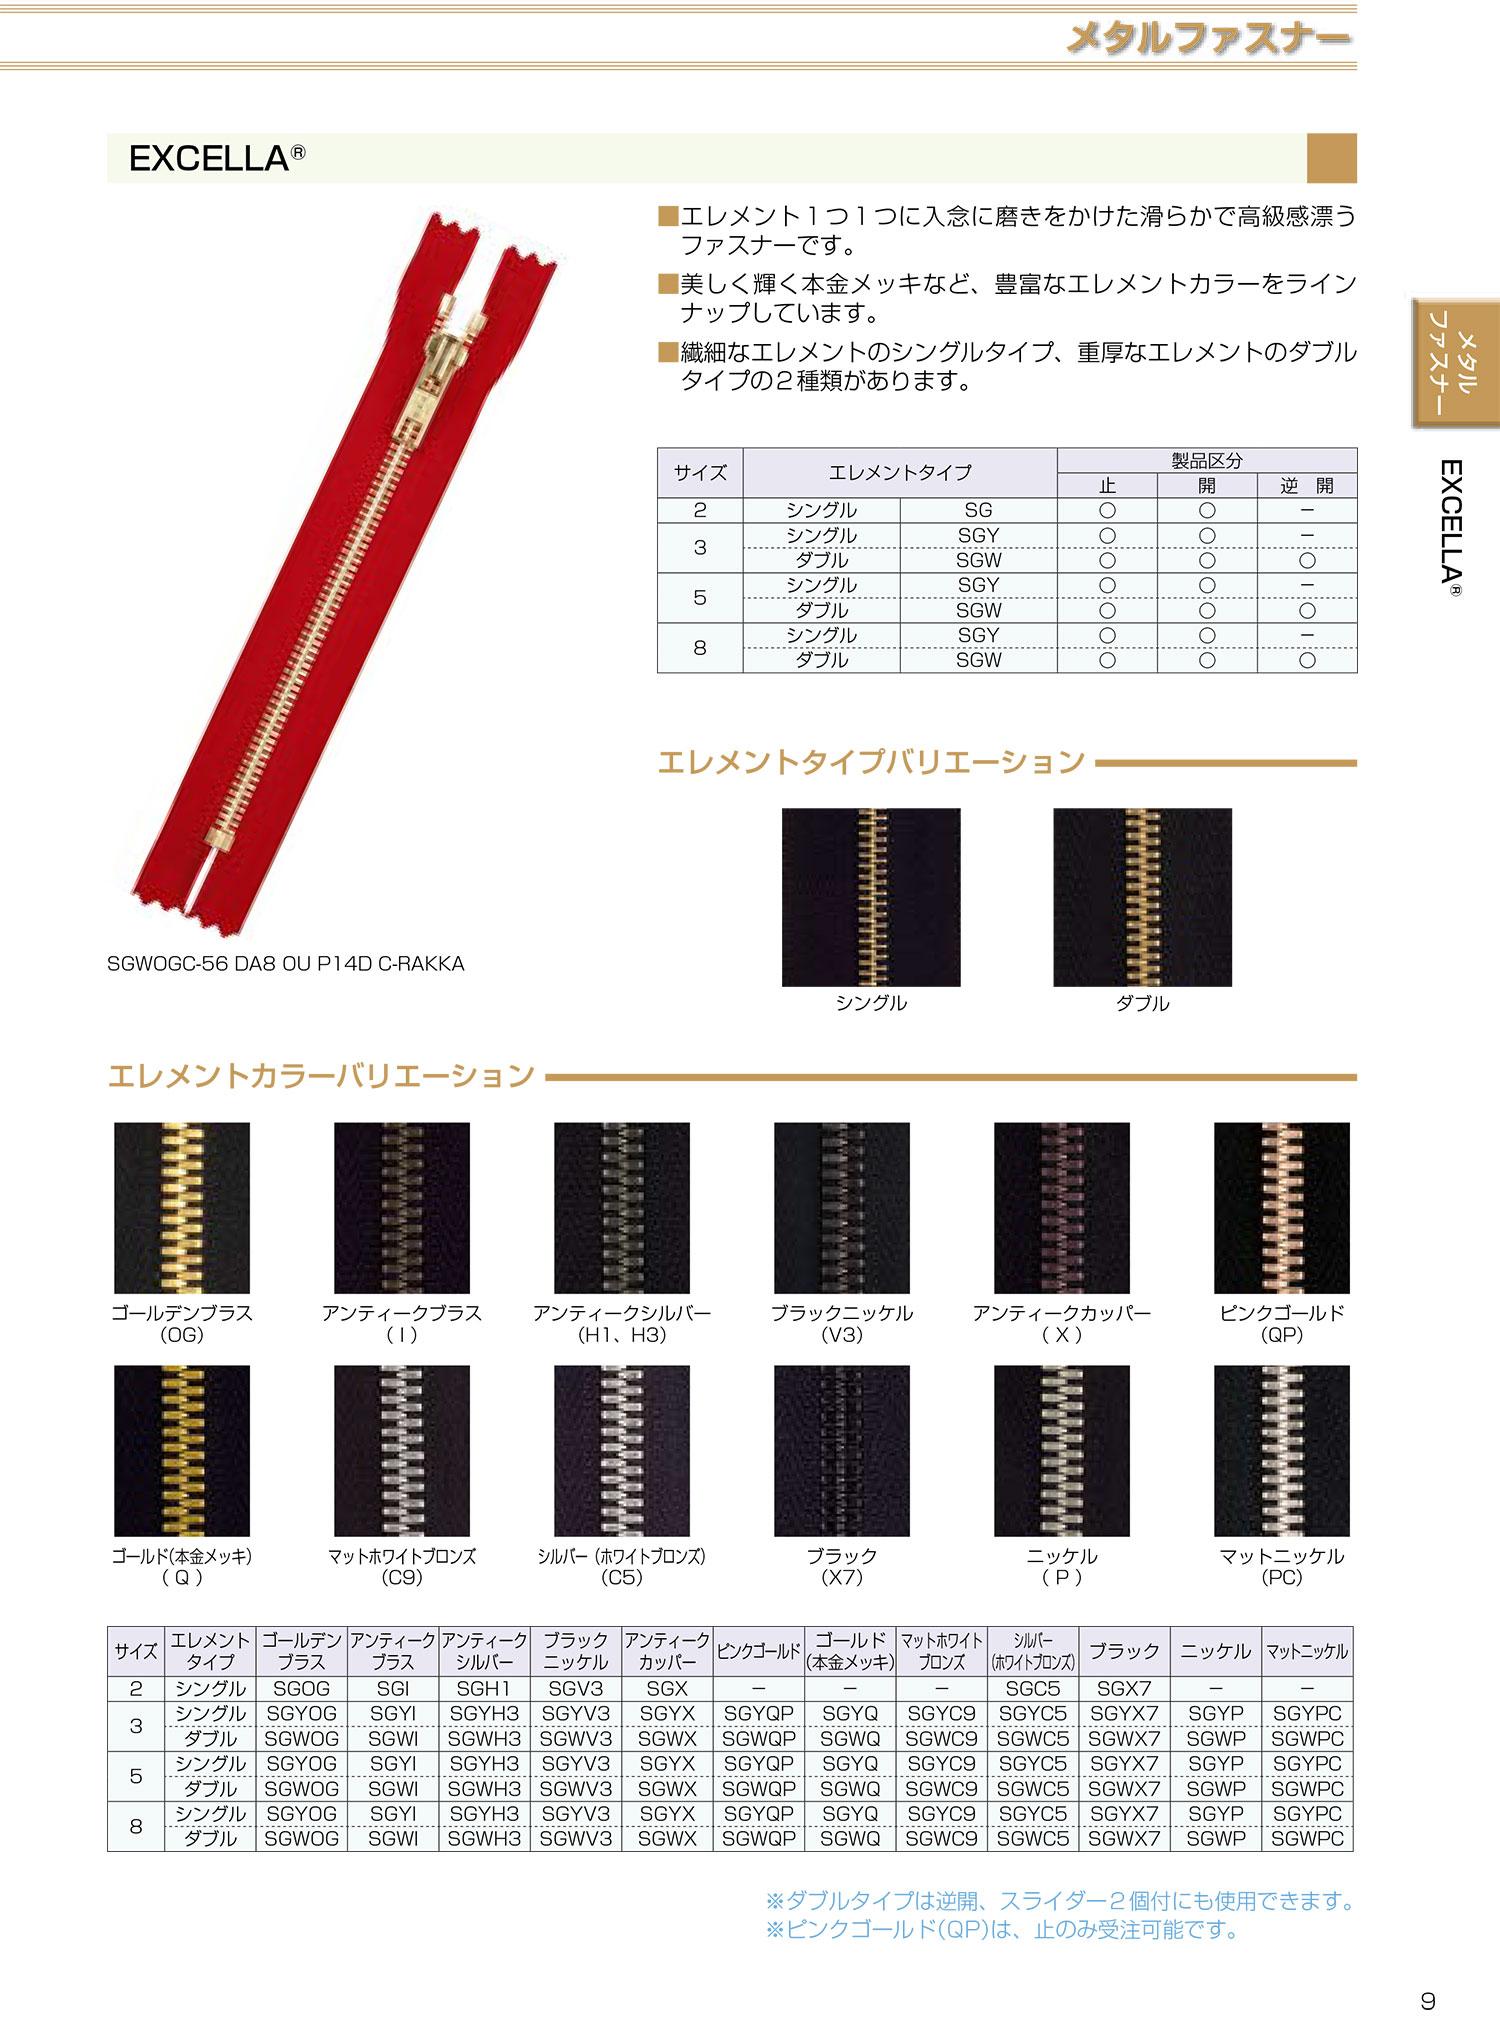 2SGH1C エクセラ 2サイズ アンティークシルバー 止め シングル[ファスナー] YKK/オークラ商事 - ApparelX アパレル資材卸通販